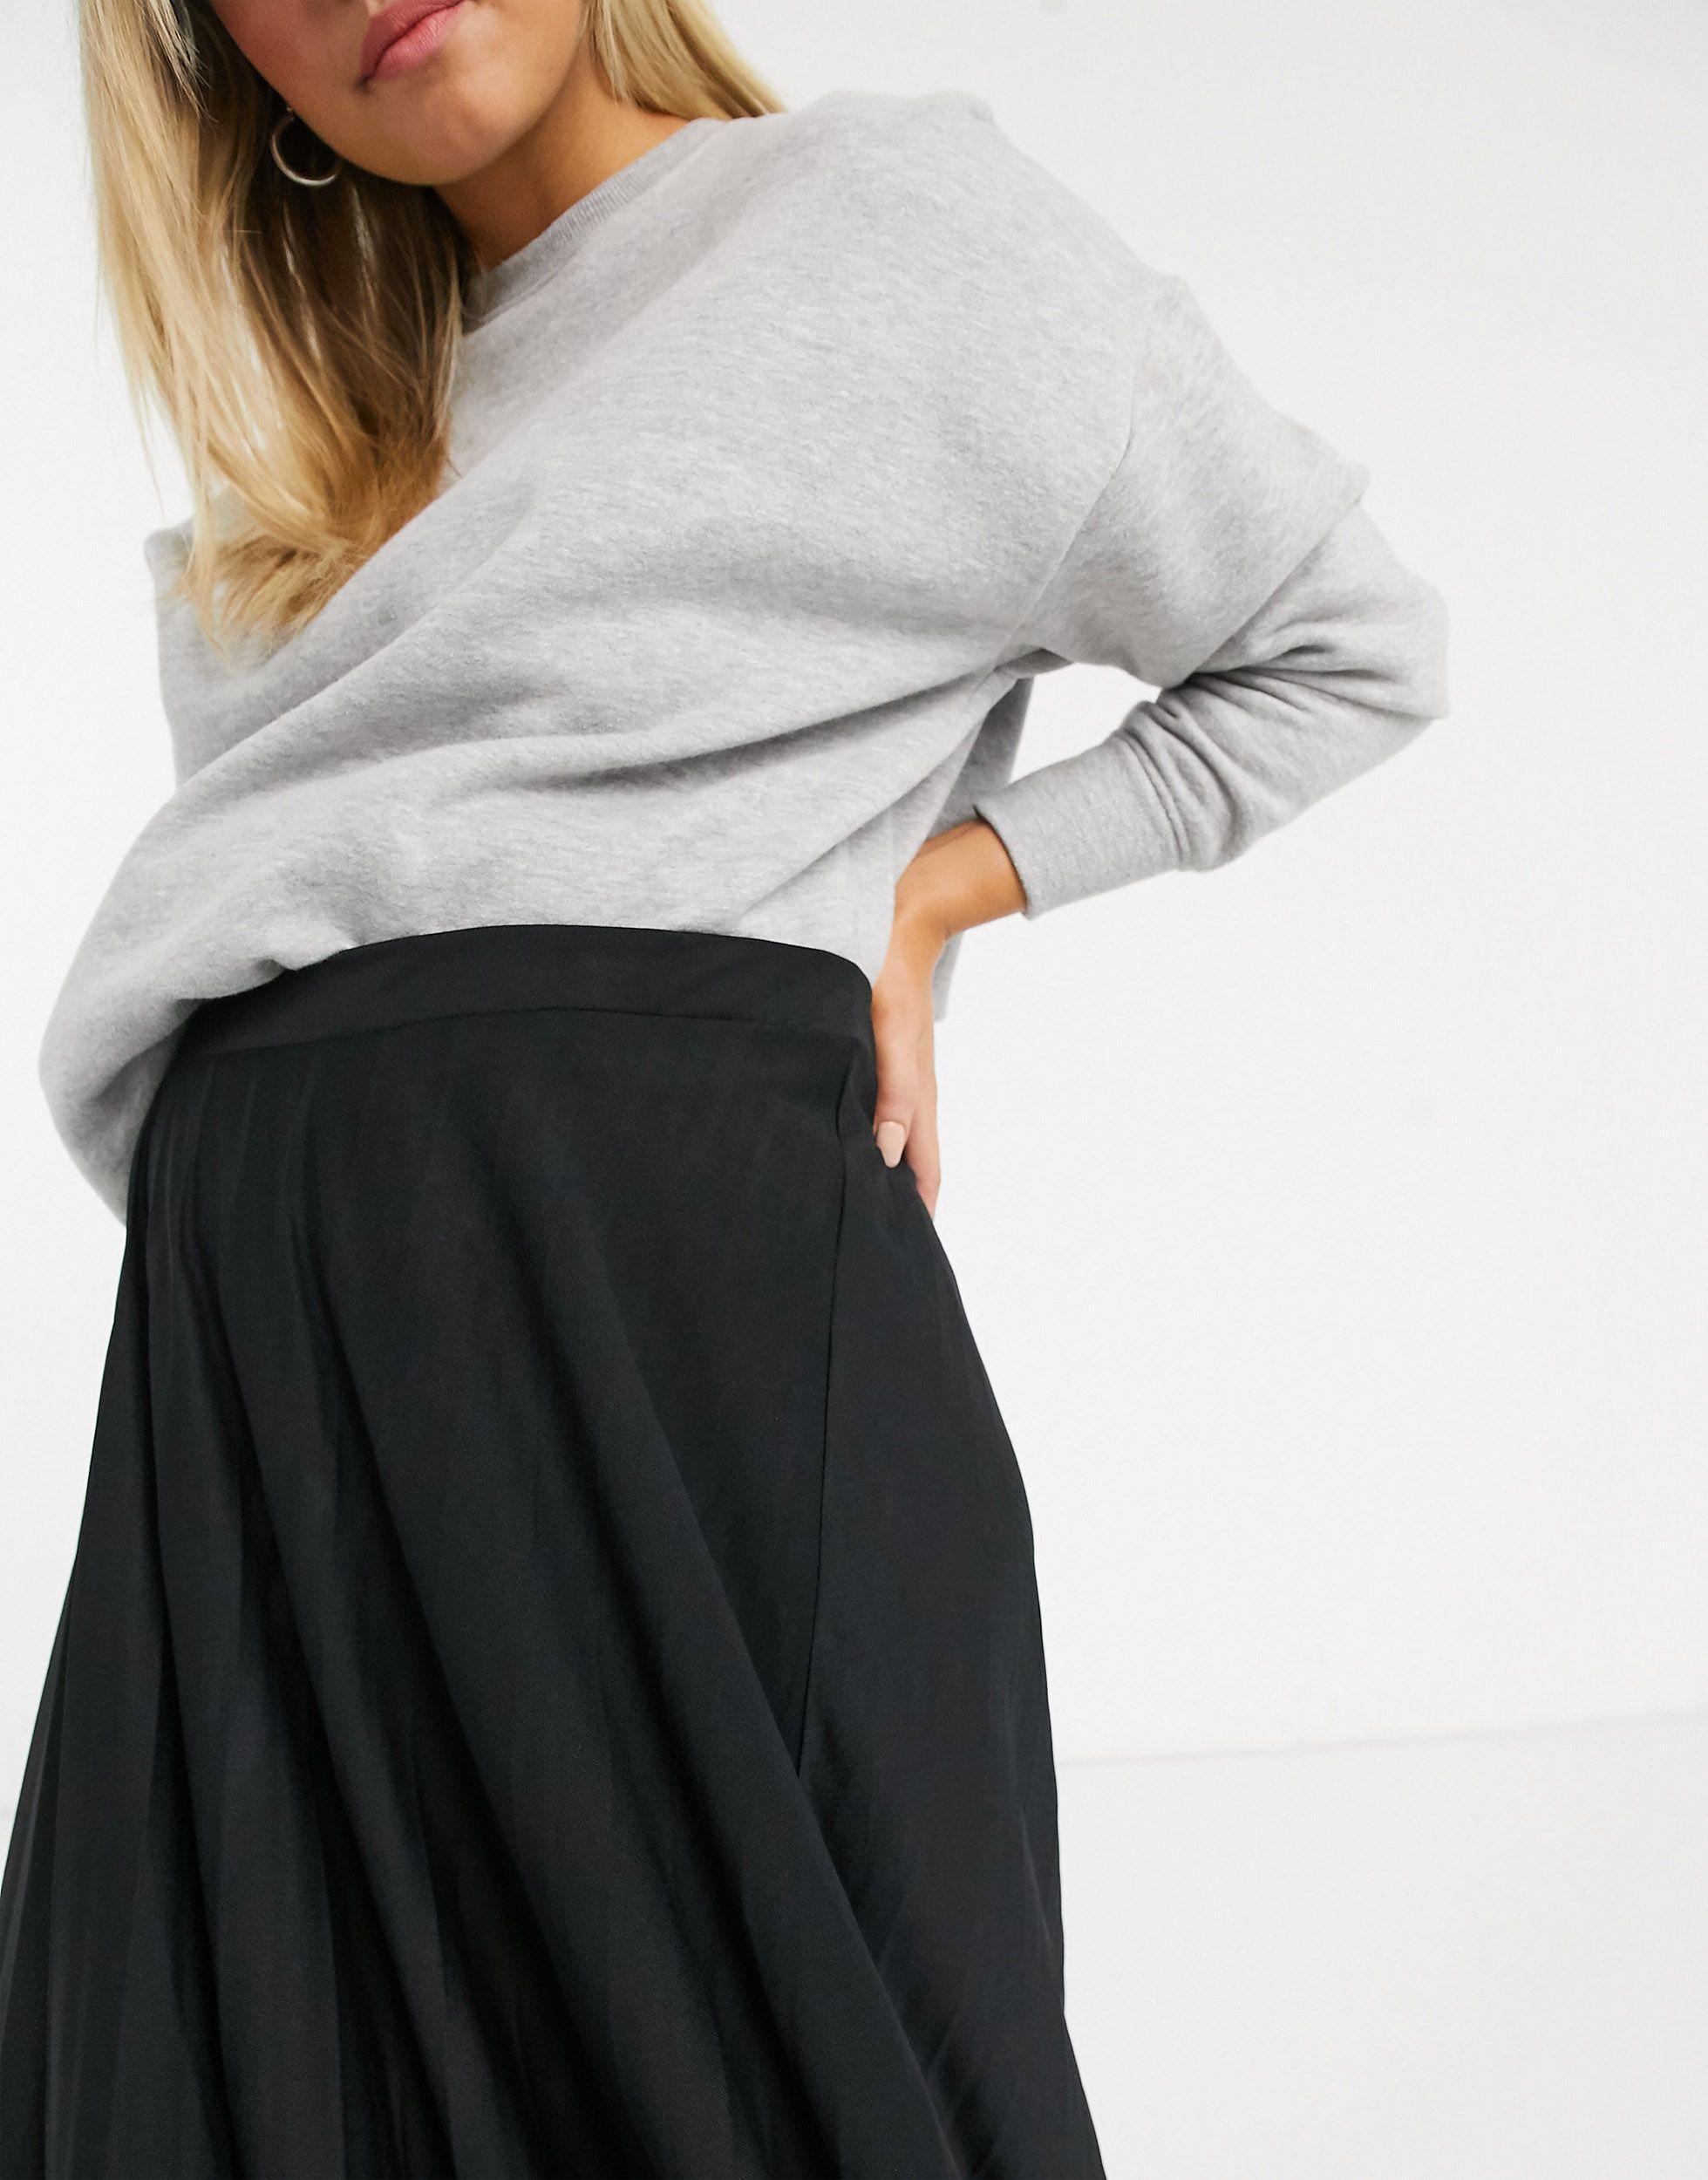 ASOS DESIGN Maternity - Jupe mi-longue plissée passant sous le ventre Synthétique ASOS en coloris Noir